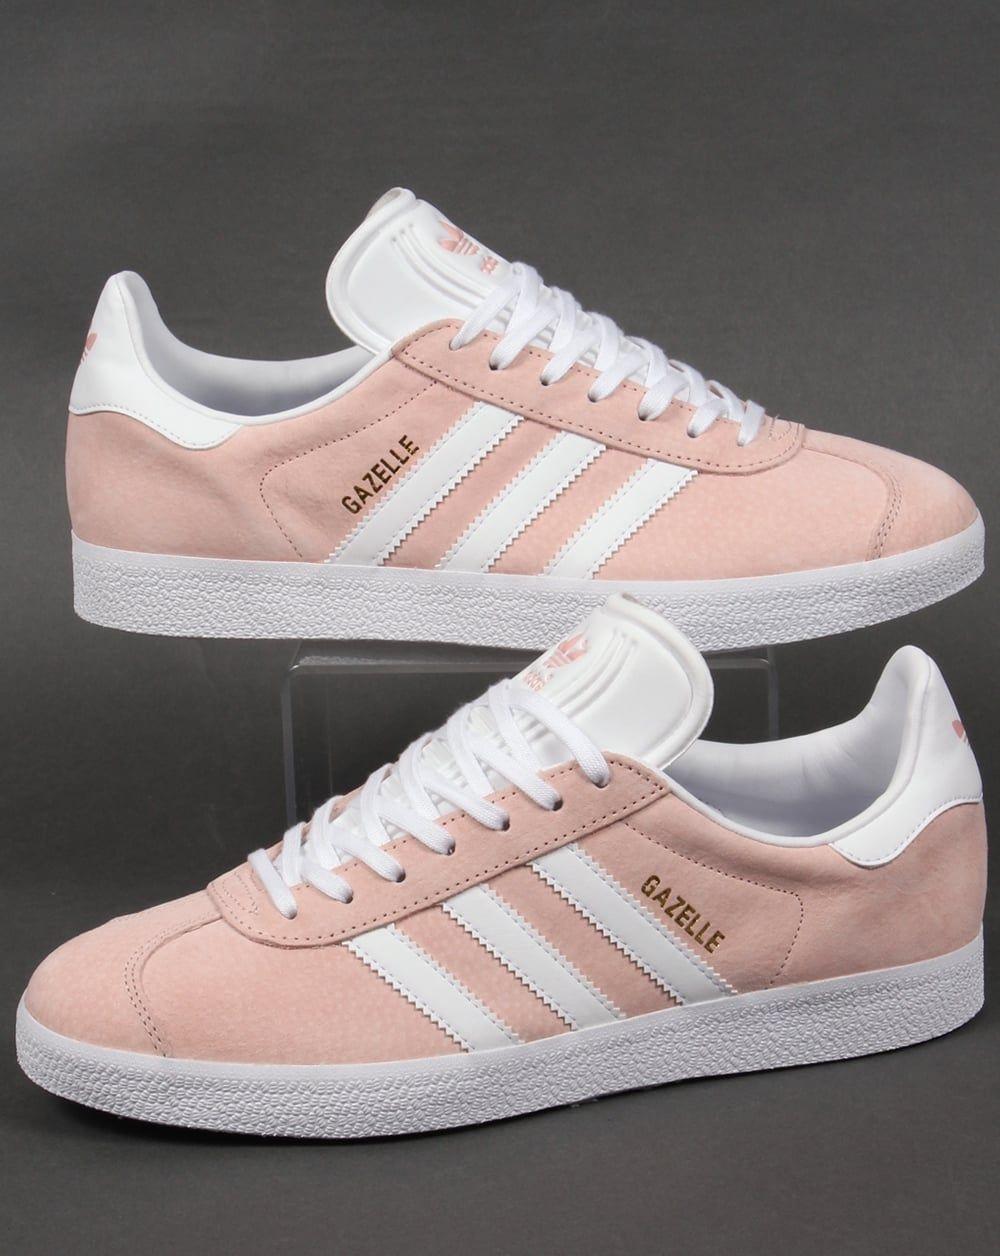 Womens Purple Pink Adidas Shoes Cheap Likeness